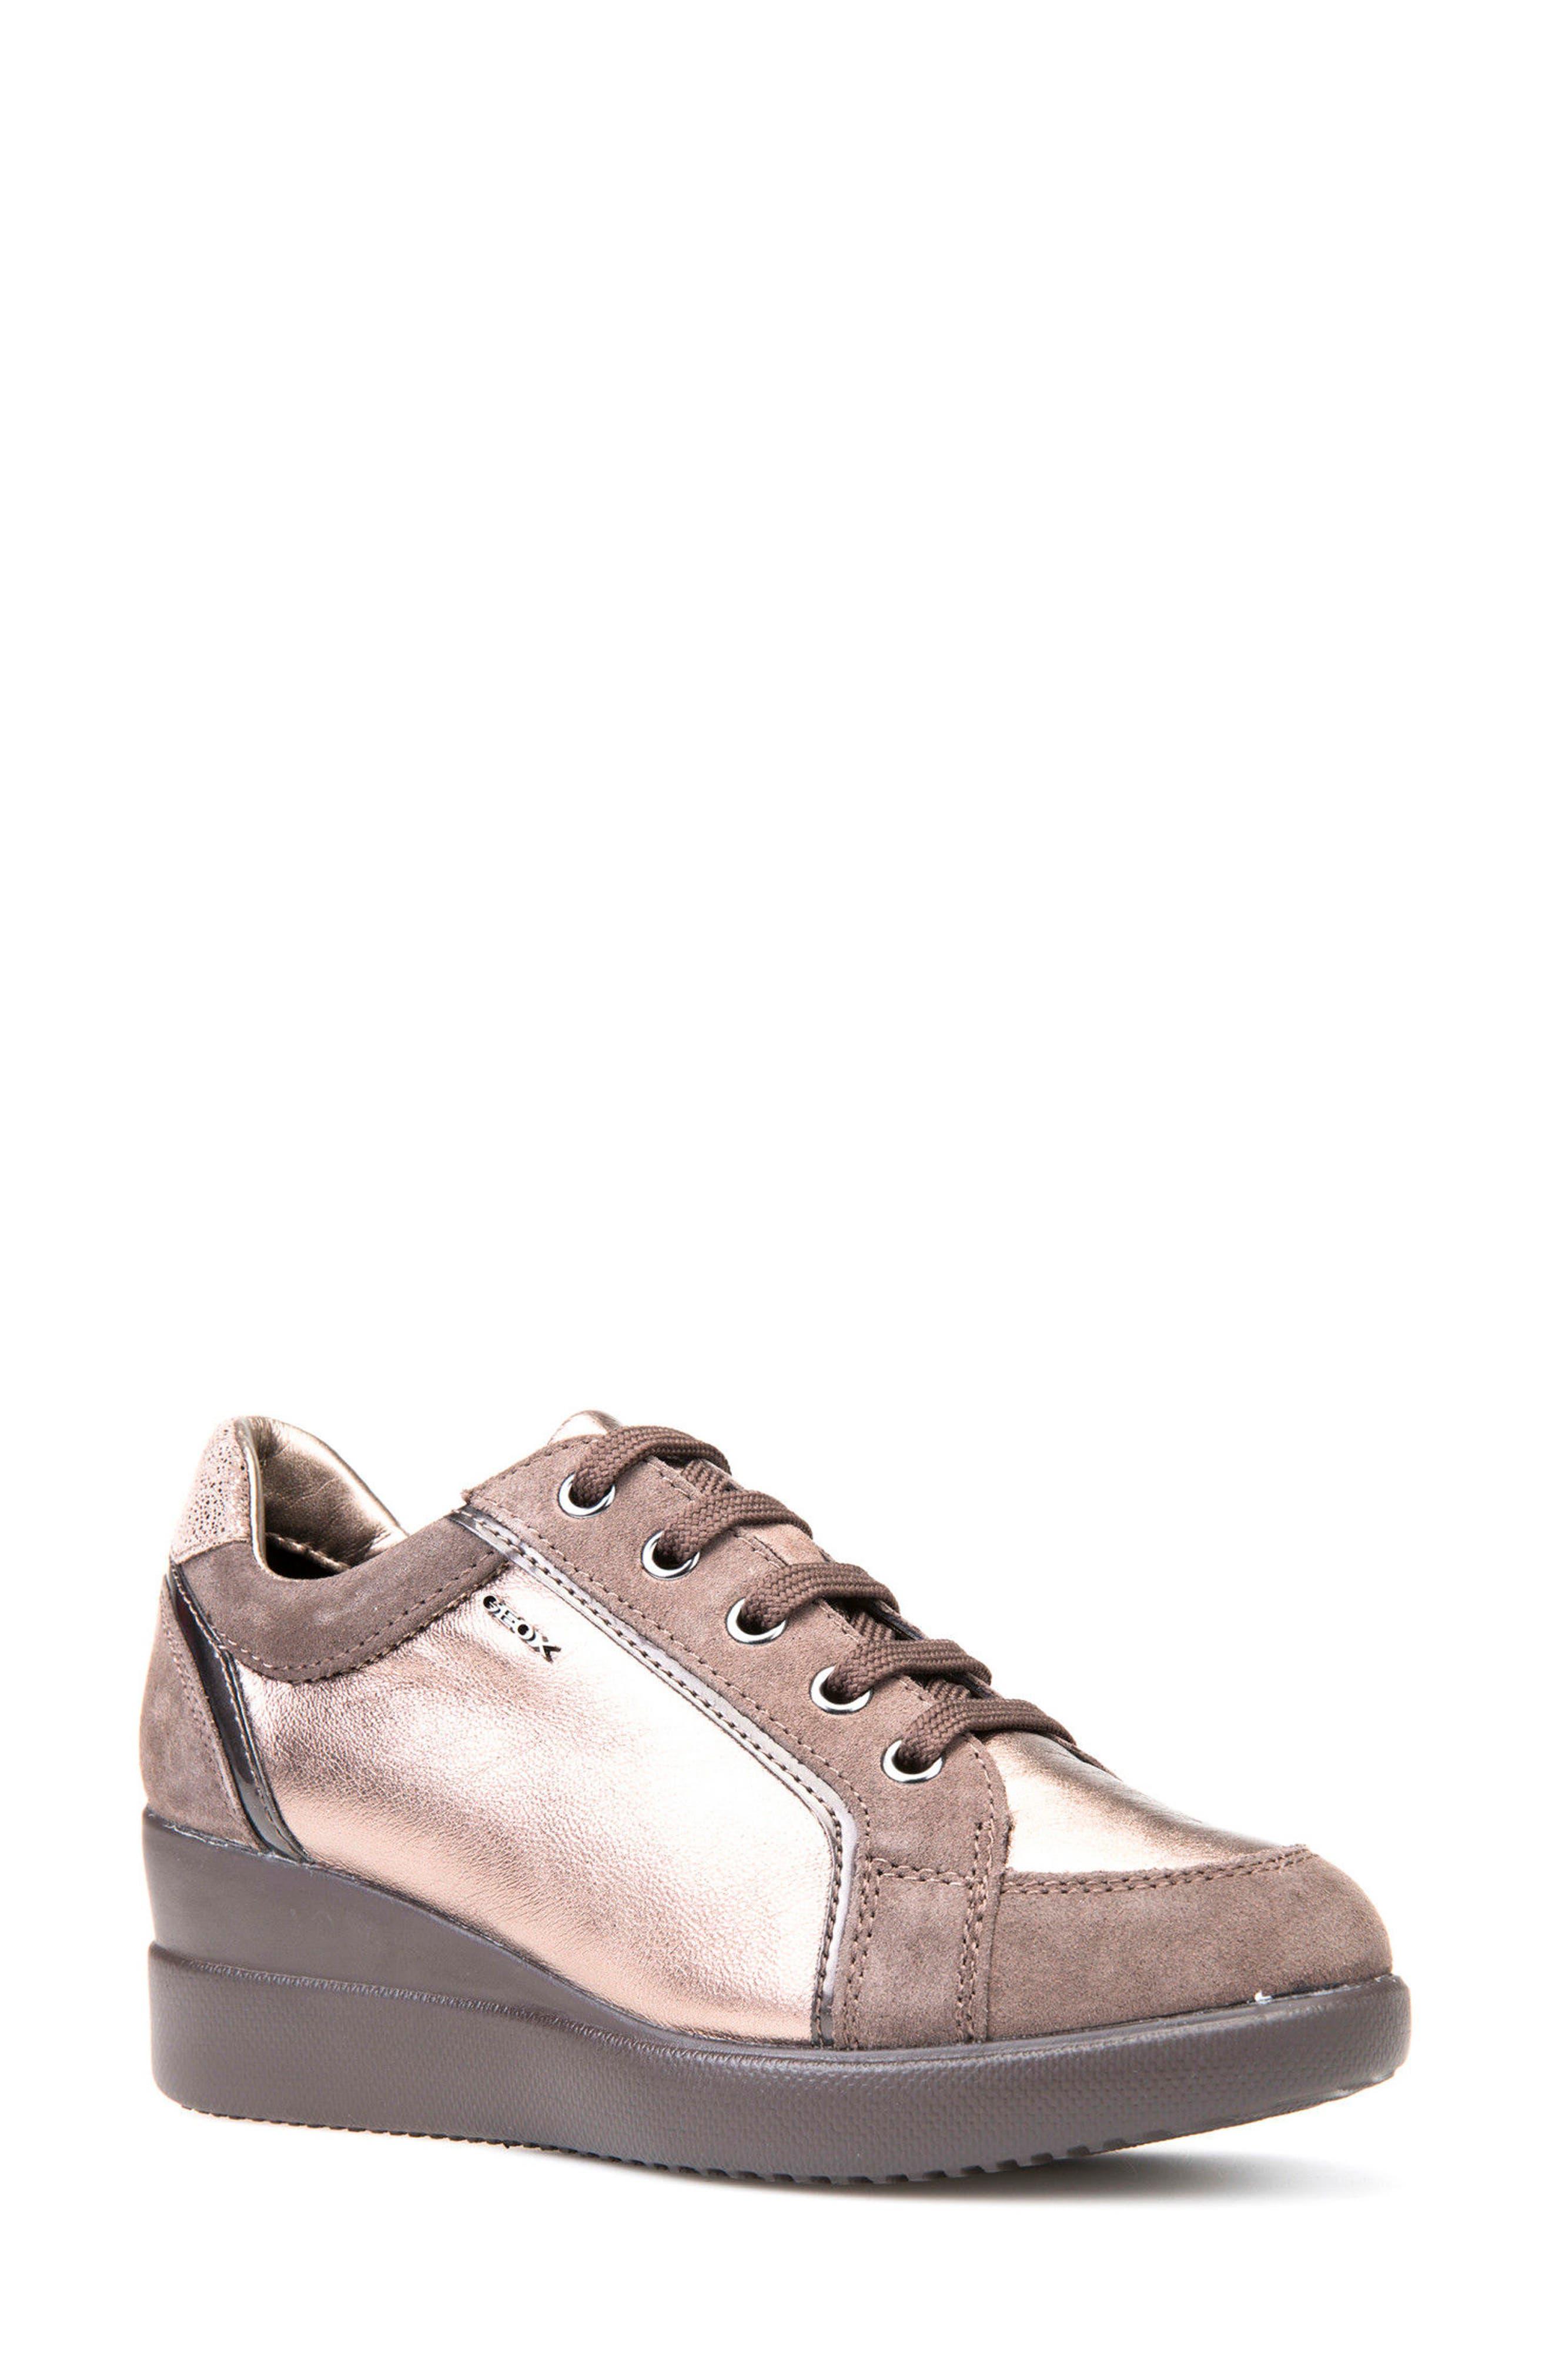 Alternate Image 1 Selected - Geox Stardust Wedge Sneaker (Women)